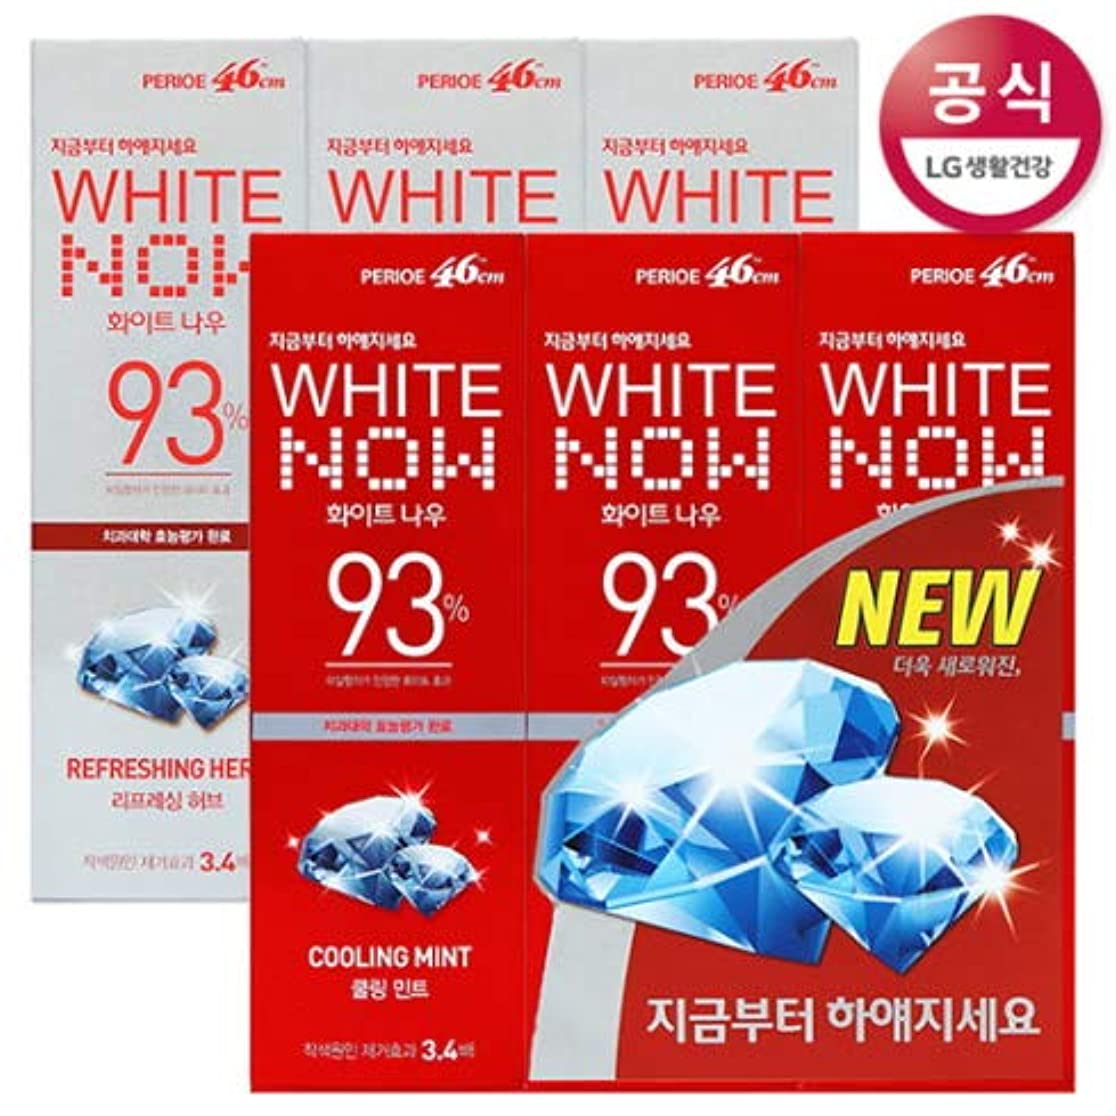 少年インサートエチケット[LG HnB] Perio White Nau Toothpaste/ペリオホワイトナウ歯磨き粉 100gx6個(海外直送品)